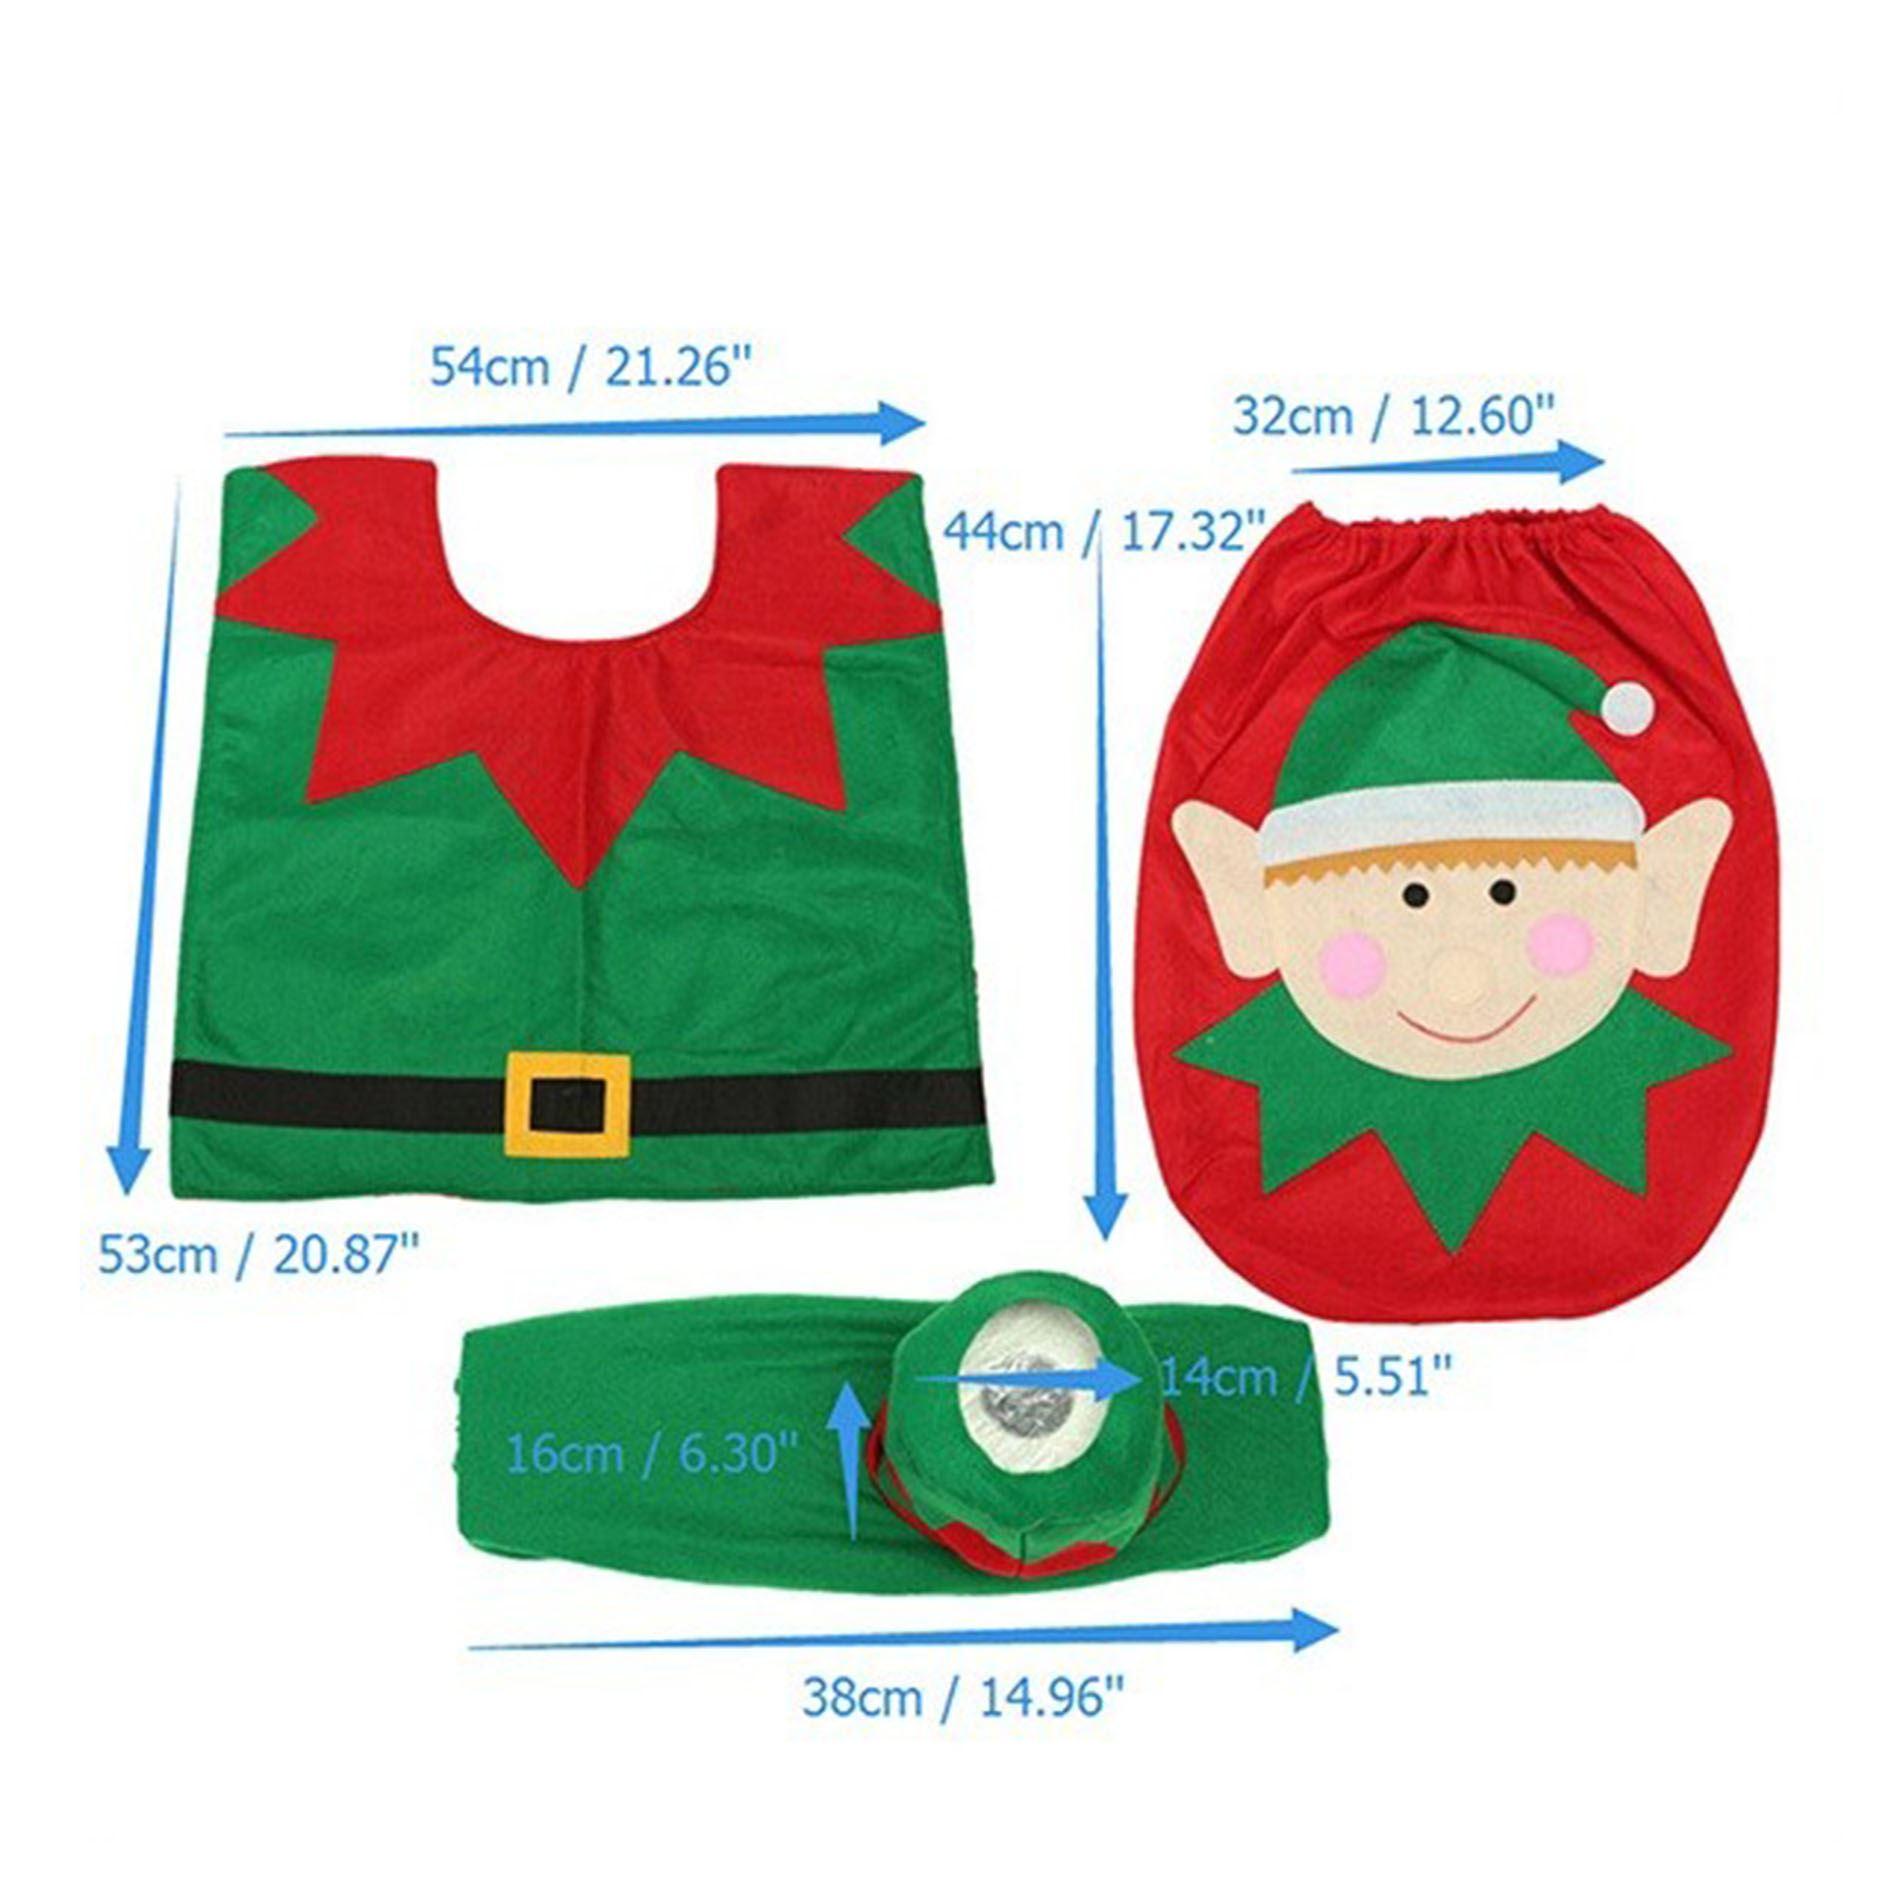 Decorazione-Natalizia-Natale-Casa-Bagno-Toilet-Seat-Cover-Set-Babbo-Natale-Elfo-Pupazzo-di-neve miniatura 5